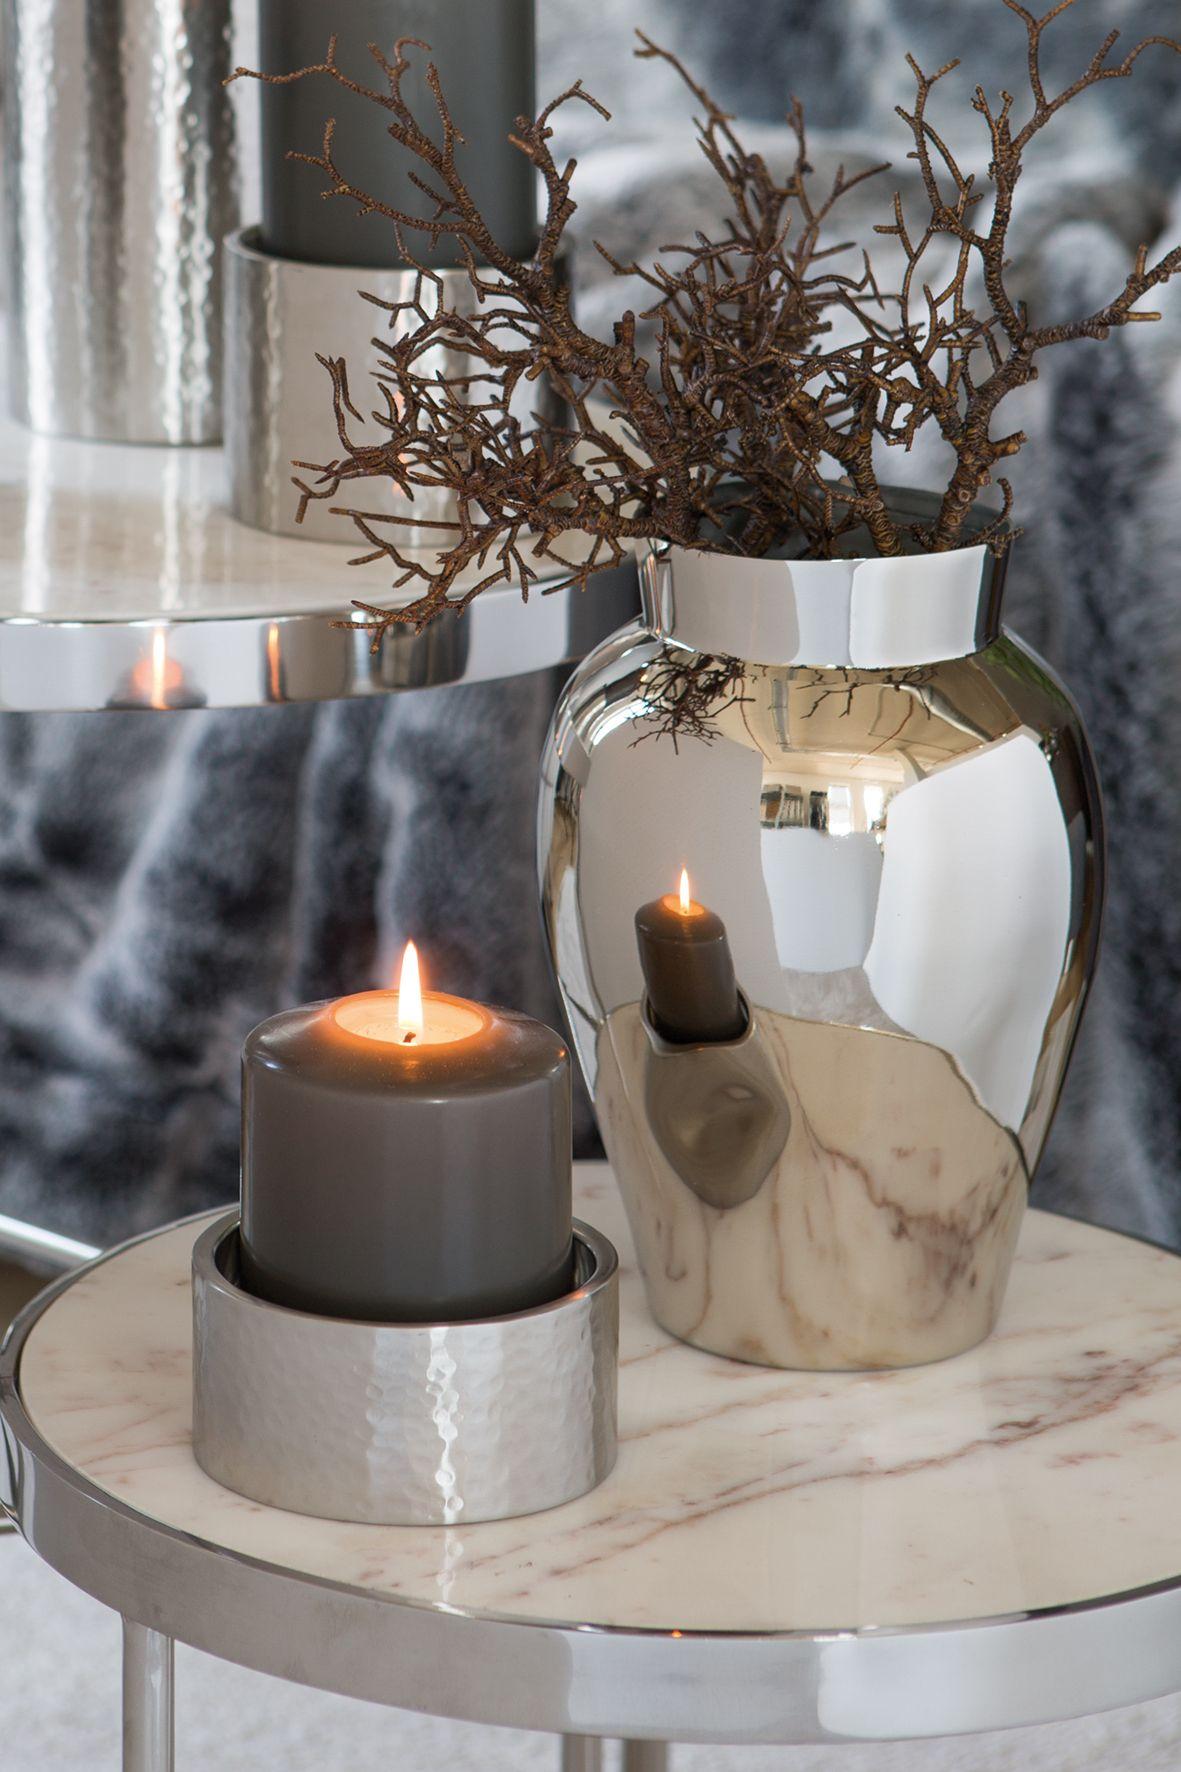 An Unserem Inspirierenden Vasenmittwoch Durfen Wir Unser